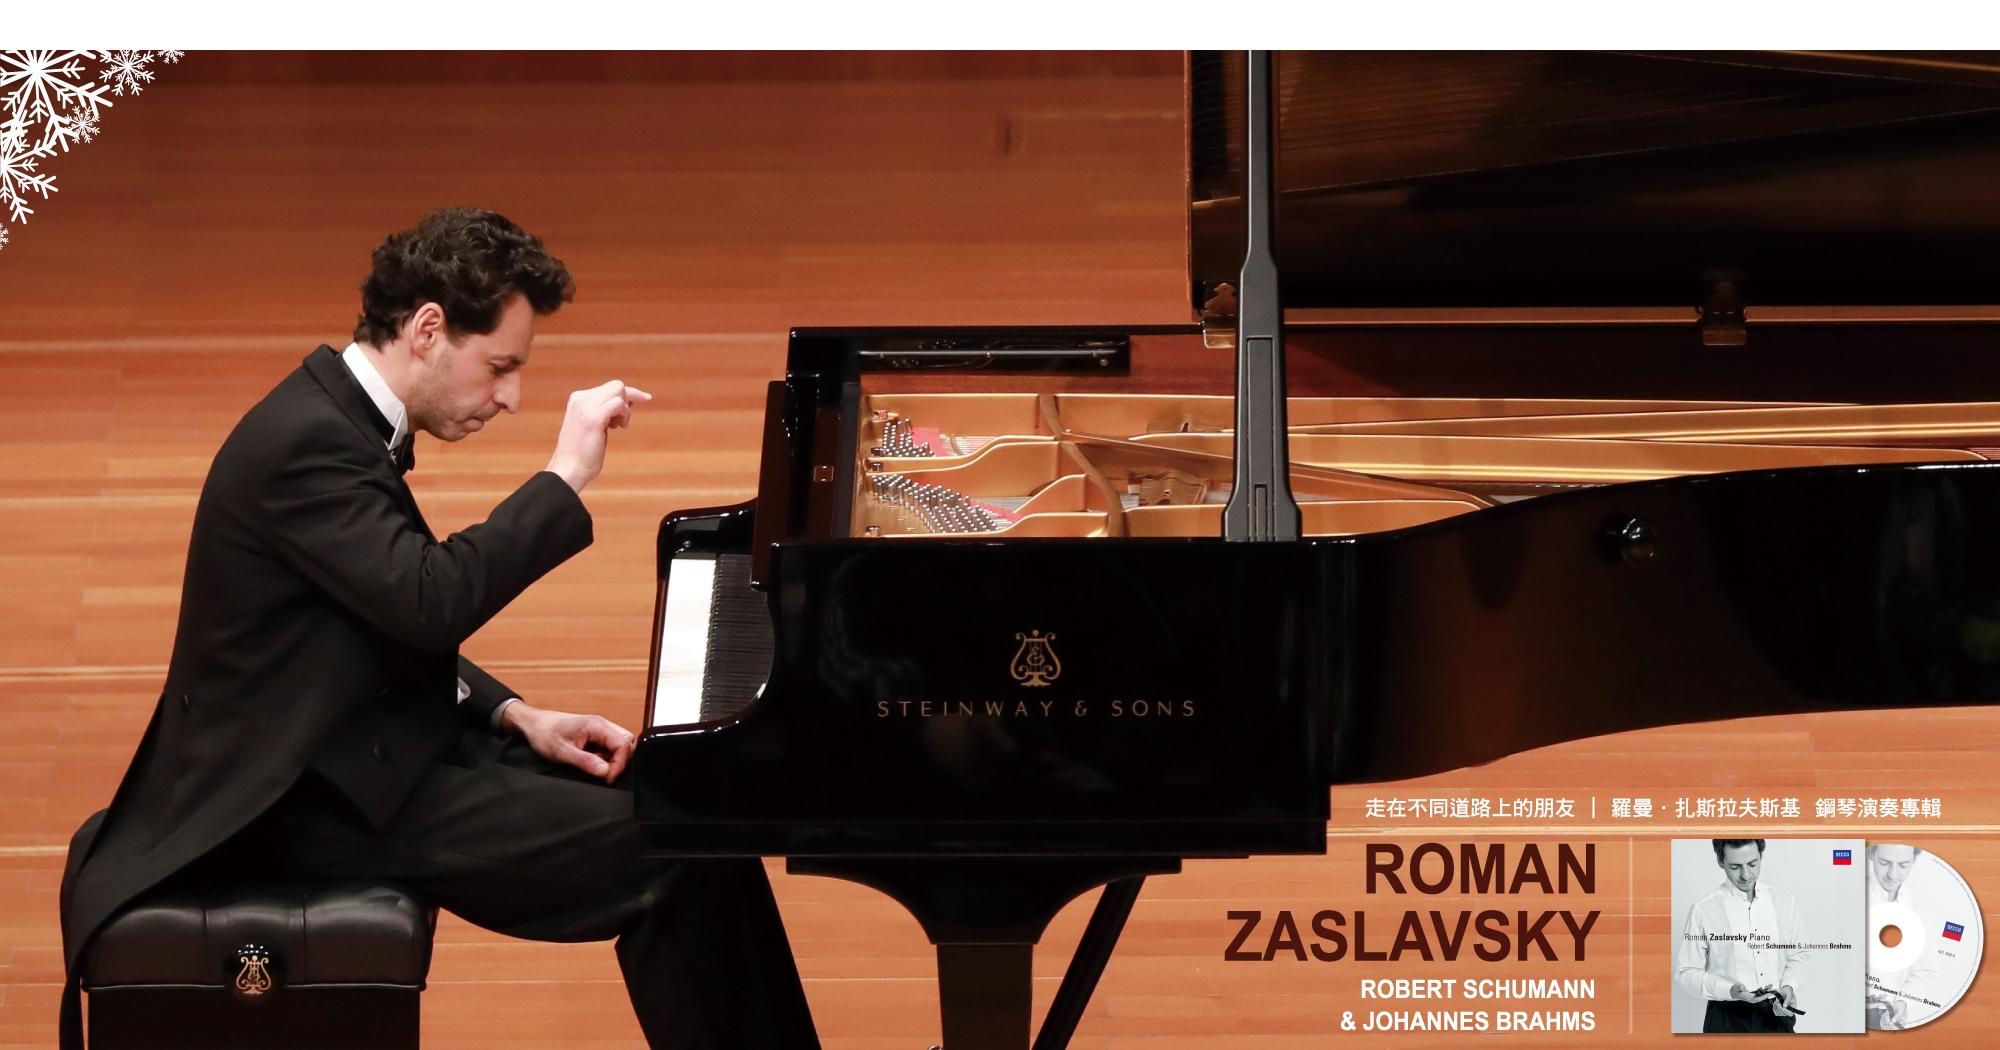 音樂,CD,專輯,音樂,鋼琴,piano